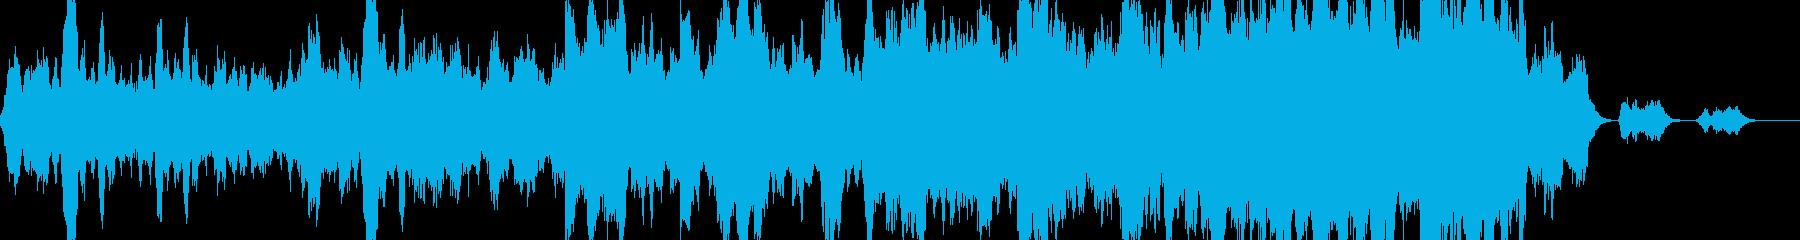 再会の場面で流れるストリングス曲の再生済みの波形